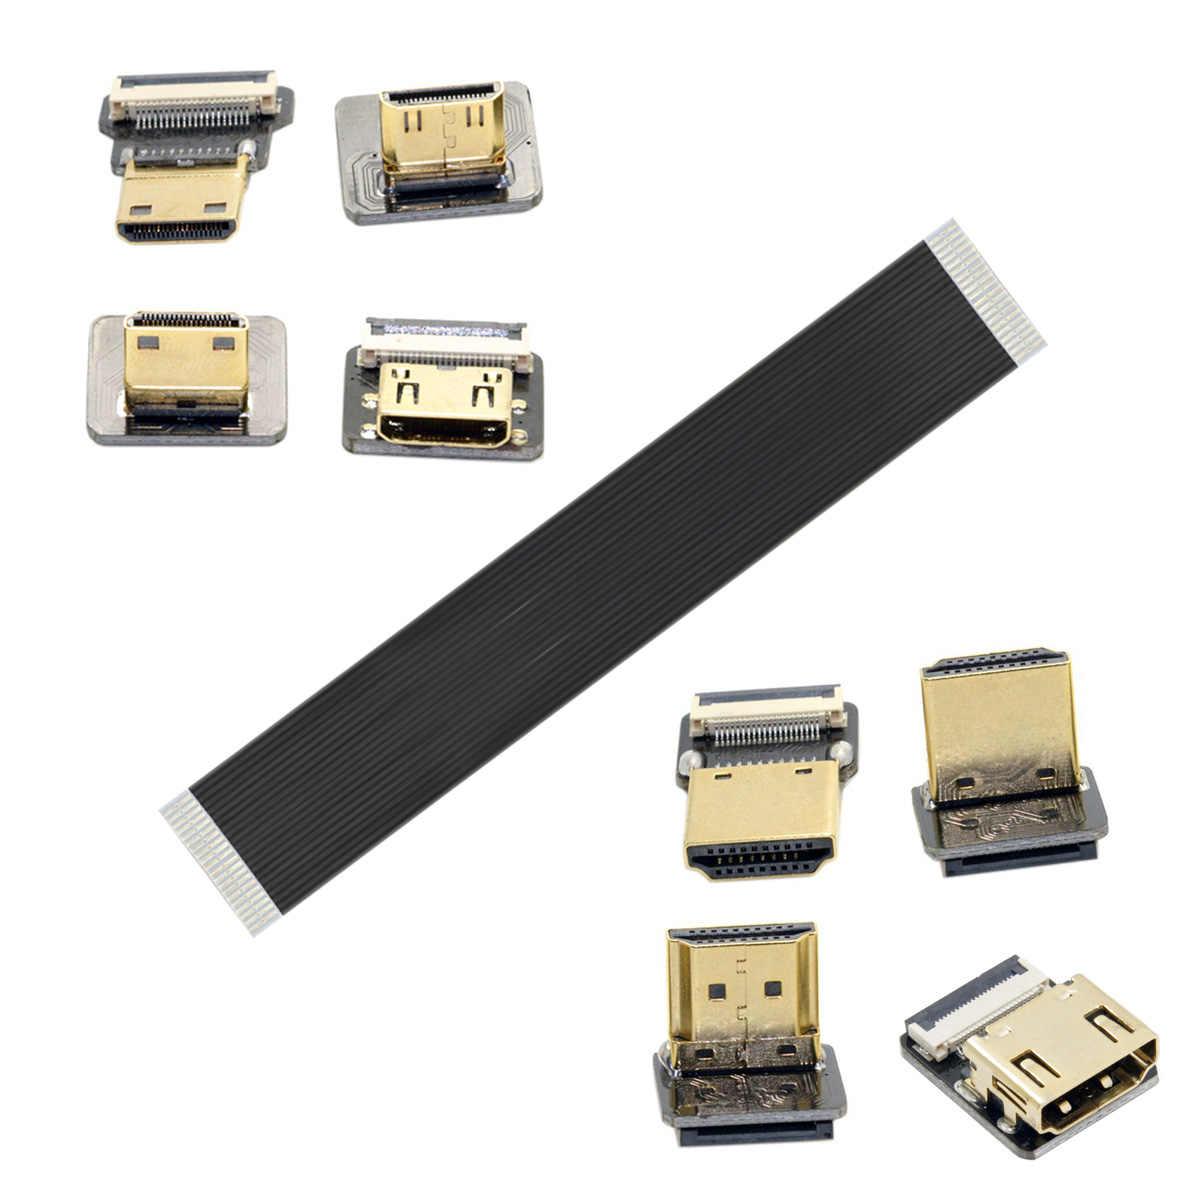 Chenyang A4-D HDMI FPV Loại MỘT nữ để CHUYỂN Micro HDMI Type D Lên Xuống góc nam Nữ Khuỷu Tay HDTV Bằng Phẳng FPC Cáp cho GH4 GoPro BMPCC A5000